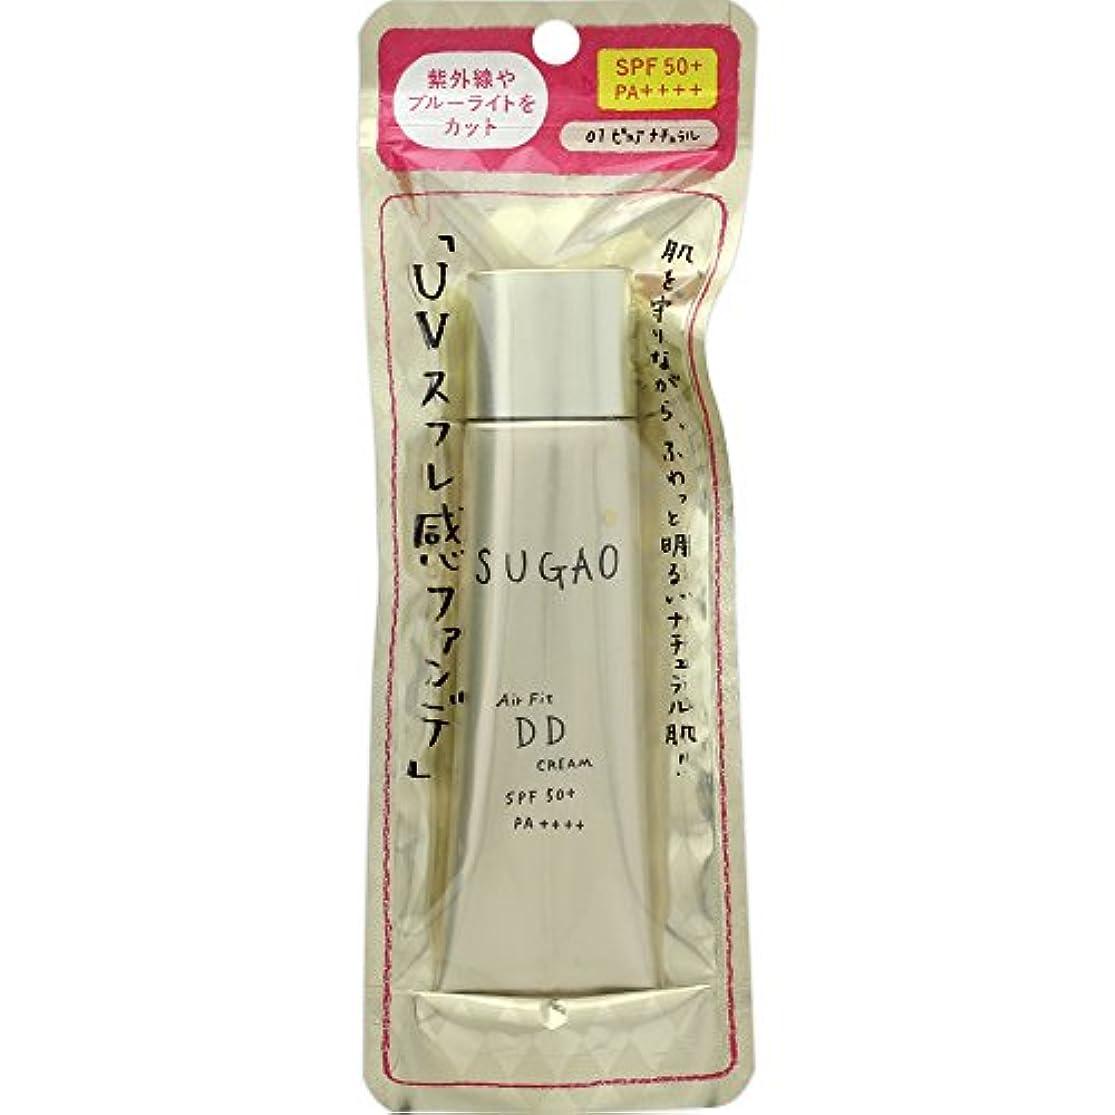 他の場所ポルノ組み合わせスガオ (SUGAO) エアーフィット DDクリーム ピュアナチュラル SPF50+ PA++++ 25g